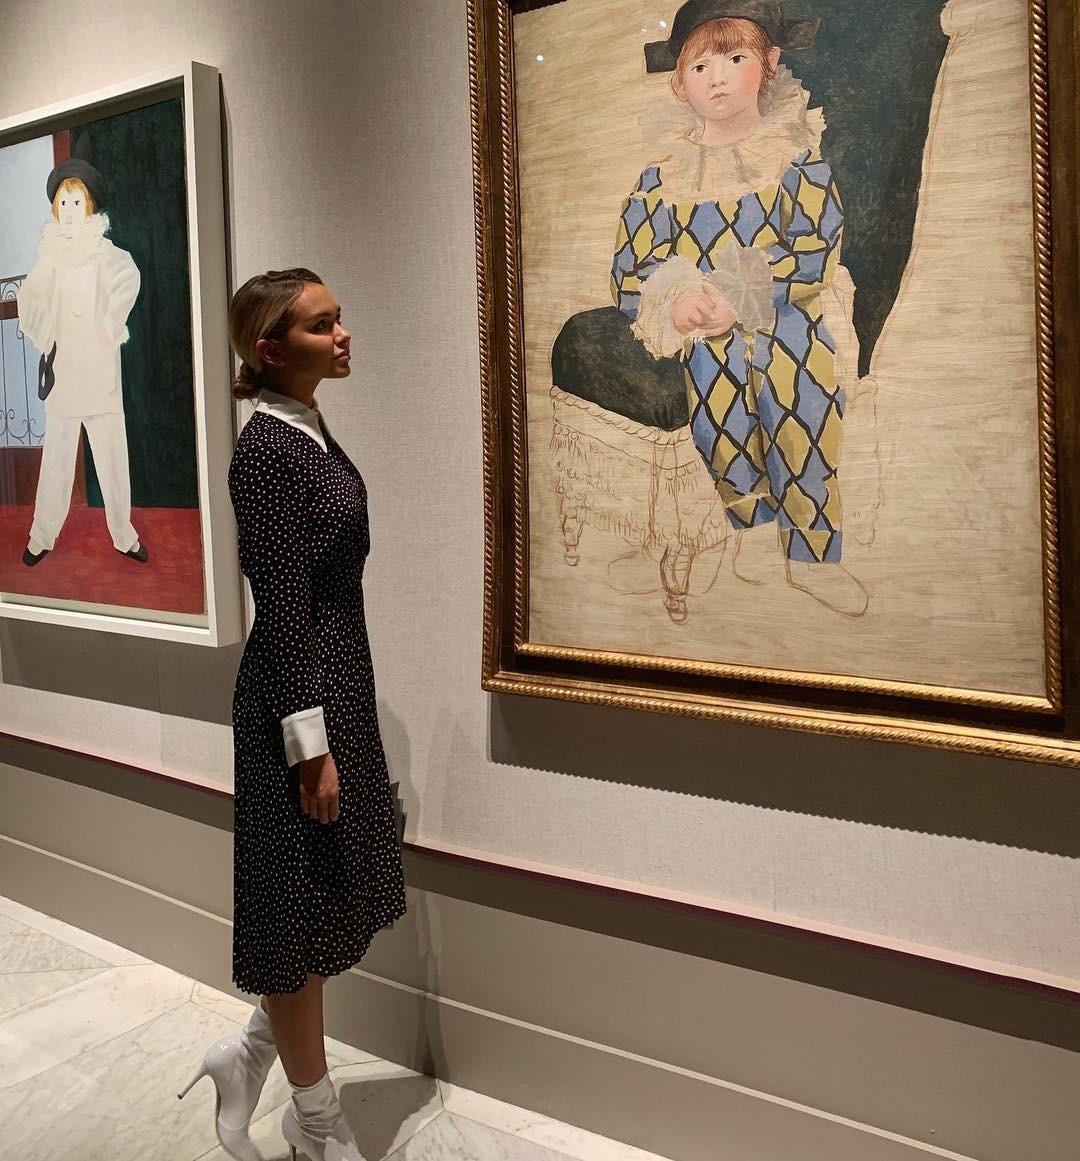 Для похода в музей Стеша Маликова выбрала черное платье длины миди в горох с кипенно-белыми манжетами и воротничком, а также белые ботильоны на тонком каблуке. Волосы девушка убрала в низ...